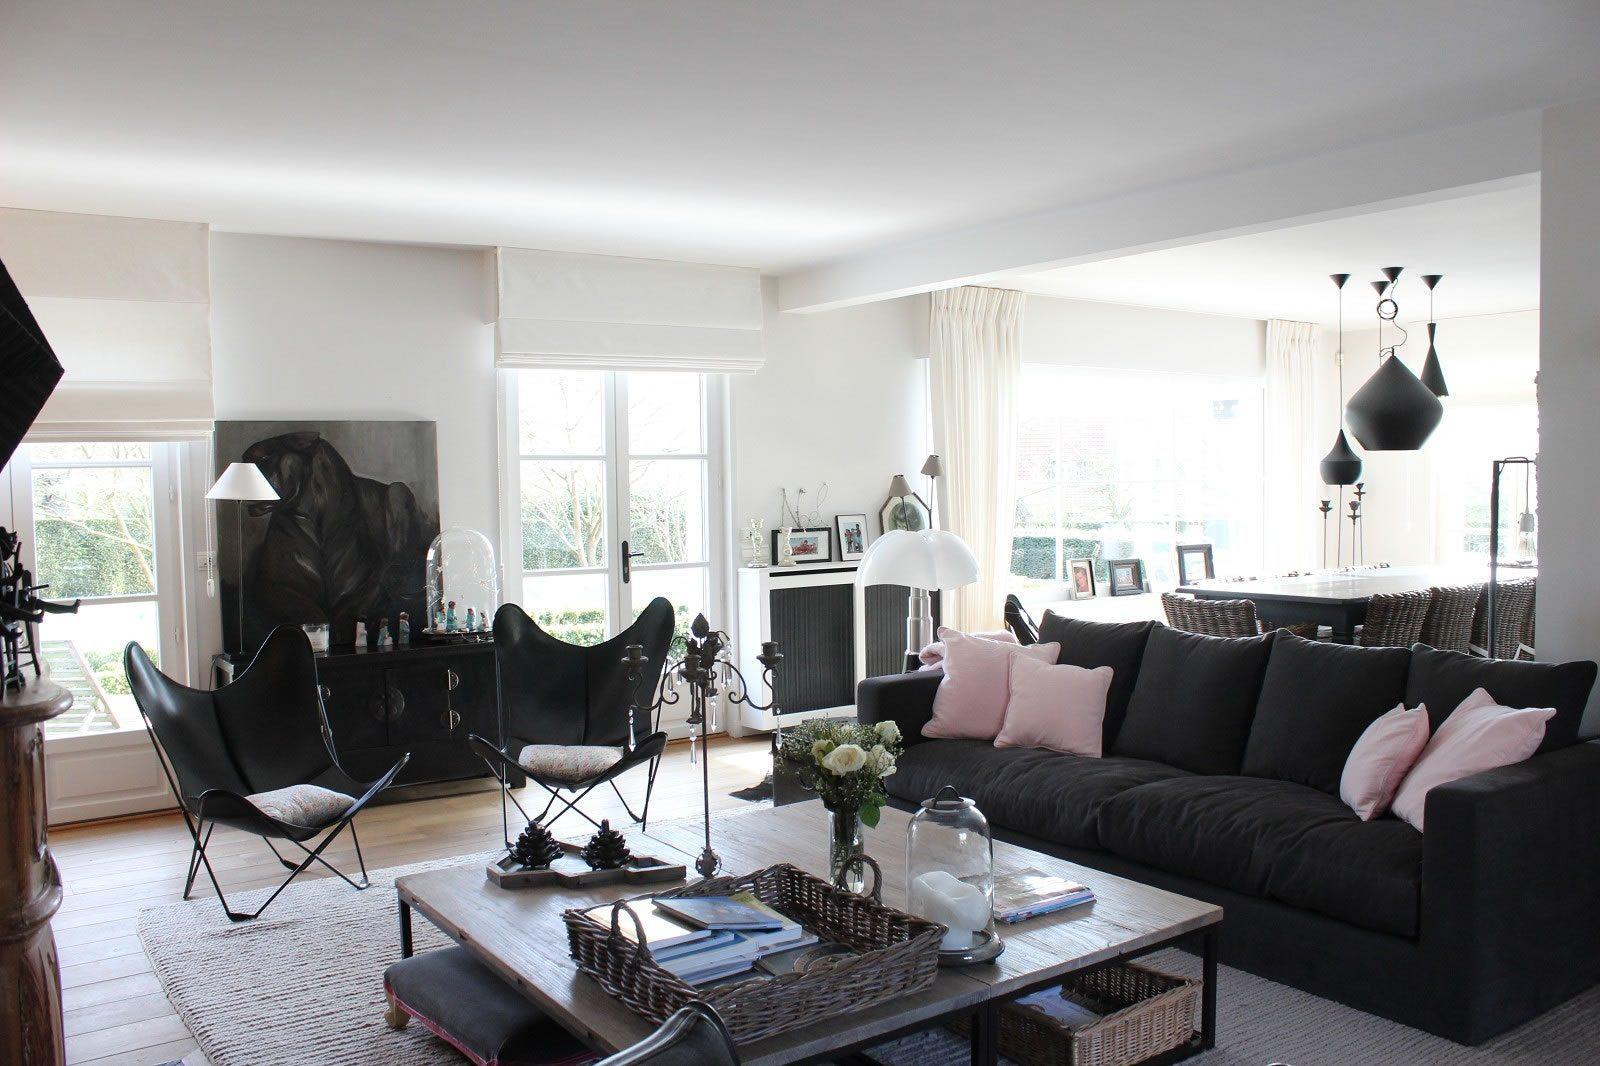 maison-familiale-a-vendre-jardin-arbore-piscine-chauffee-garage